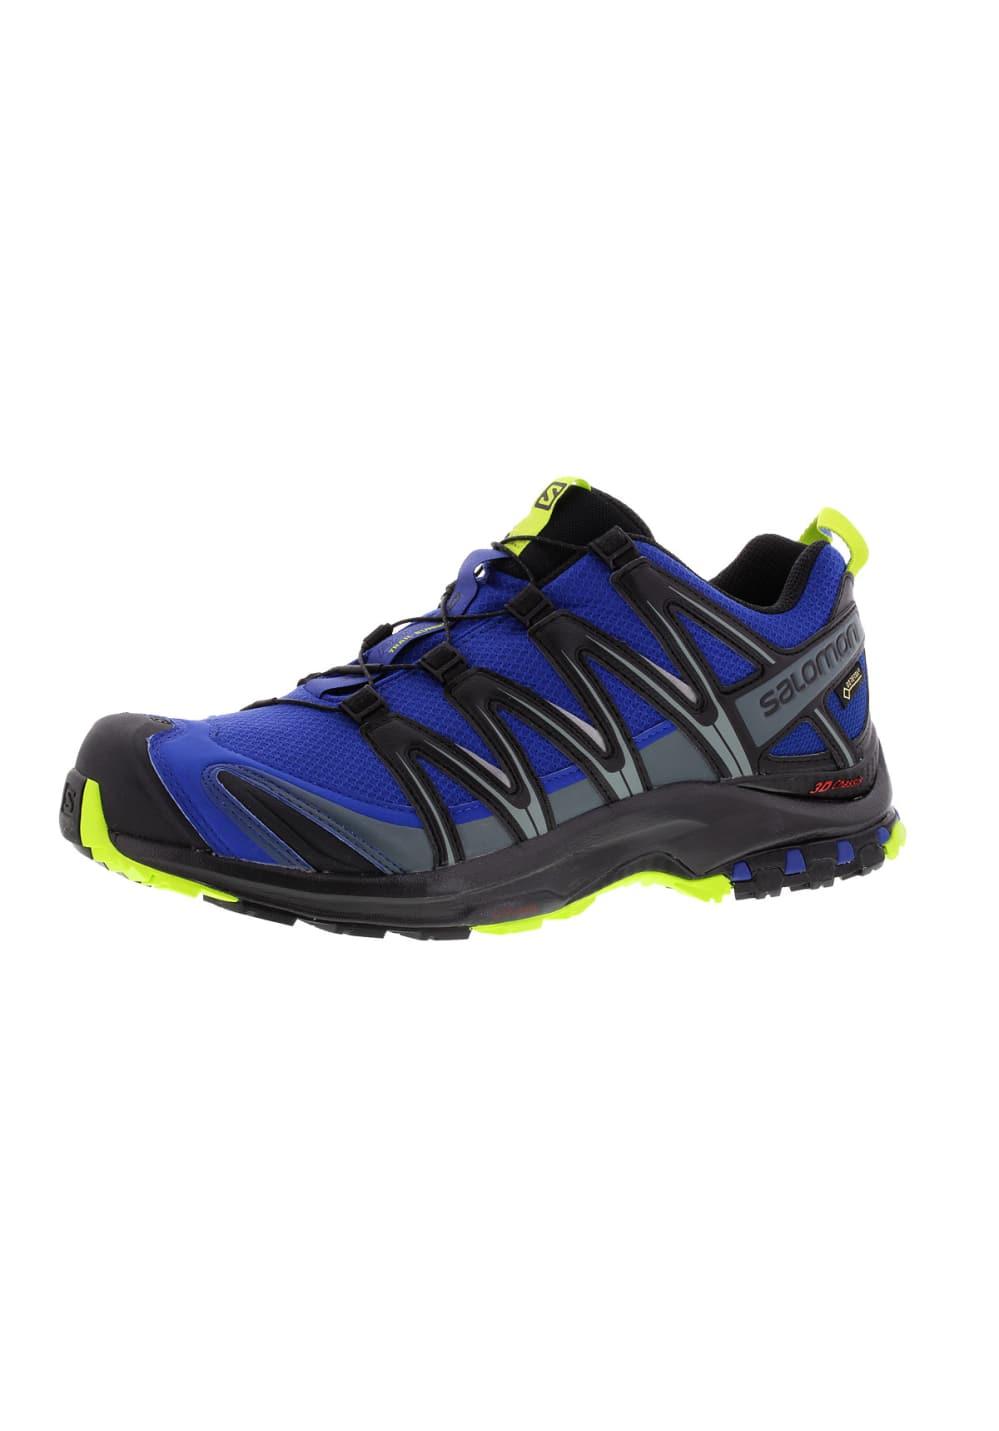 Chaussures Running Pro Homme Pour Gtx Xa 3d Salomon Bleu PN0kw8nOX